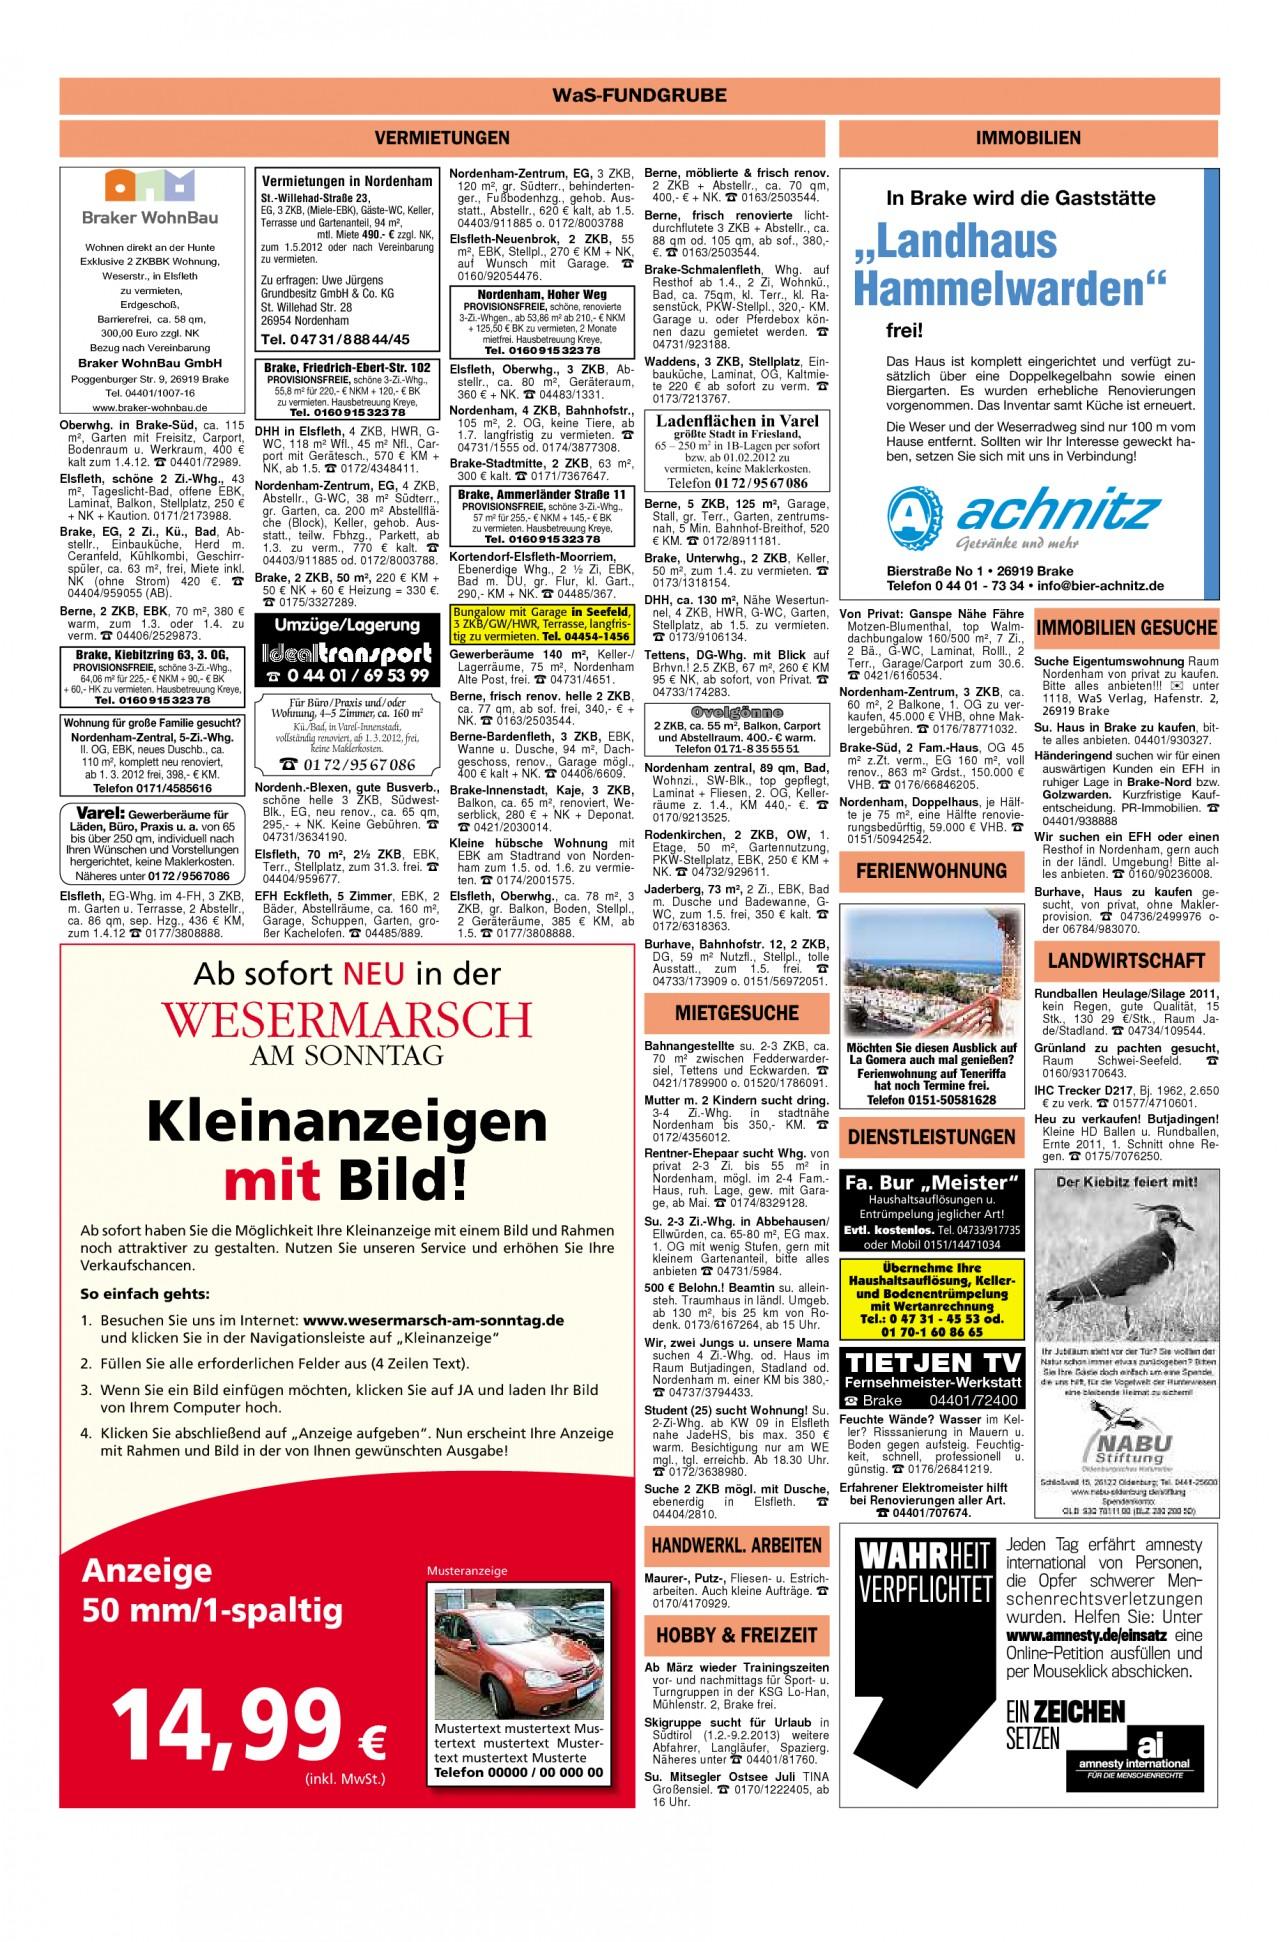 Garten Moorriem Schön Wesermarsch Am sonntag Ausgabe Vom 19 02 2012 Seite 16